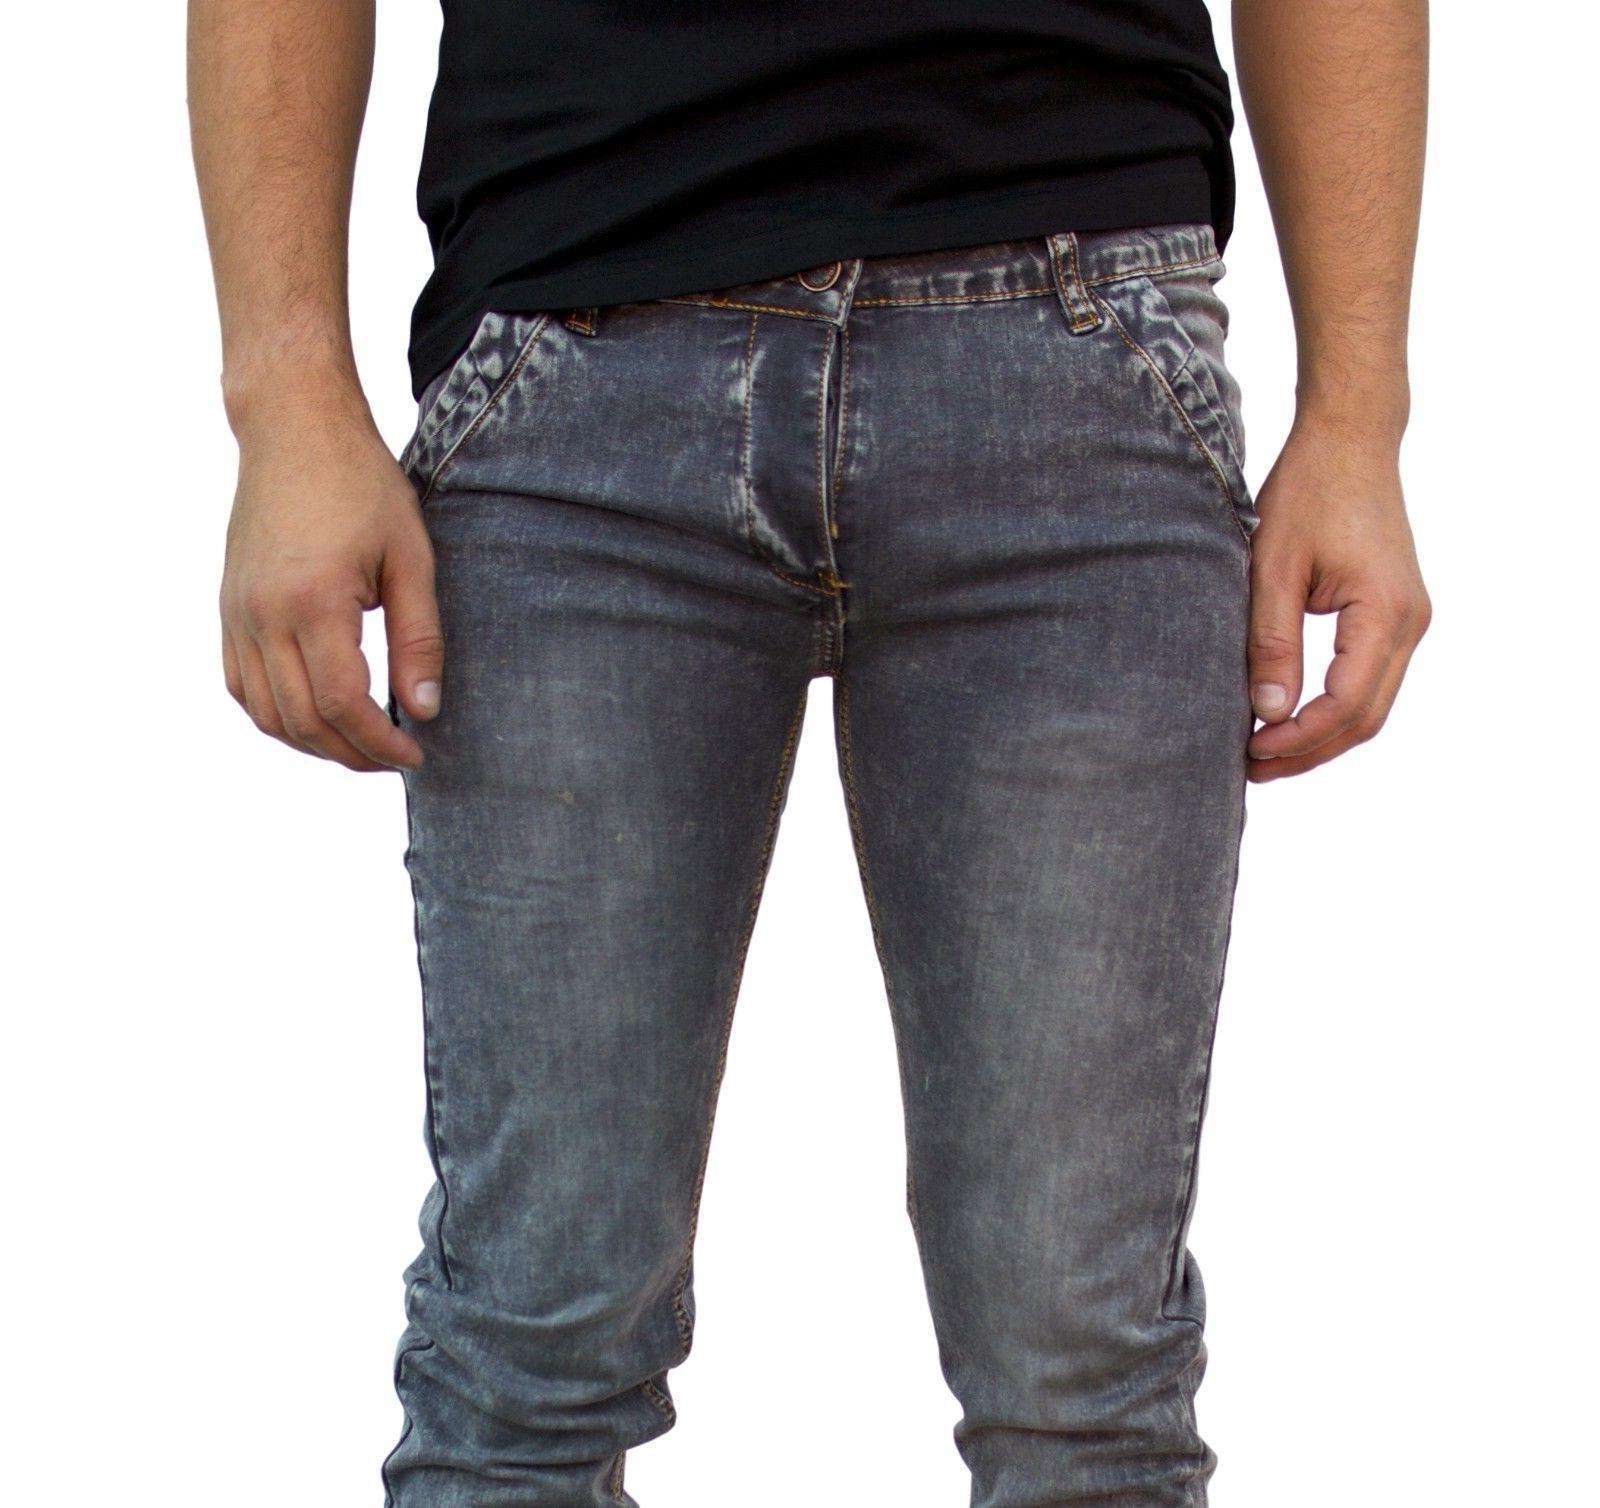 Men's jeans, fit premium denim